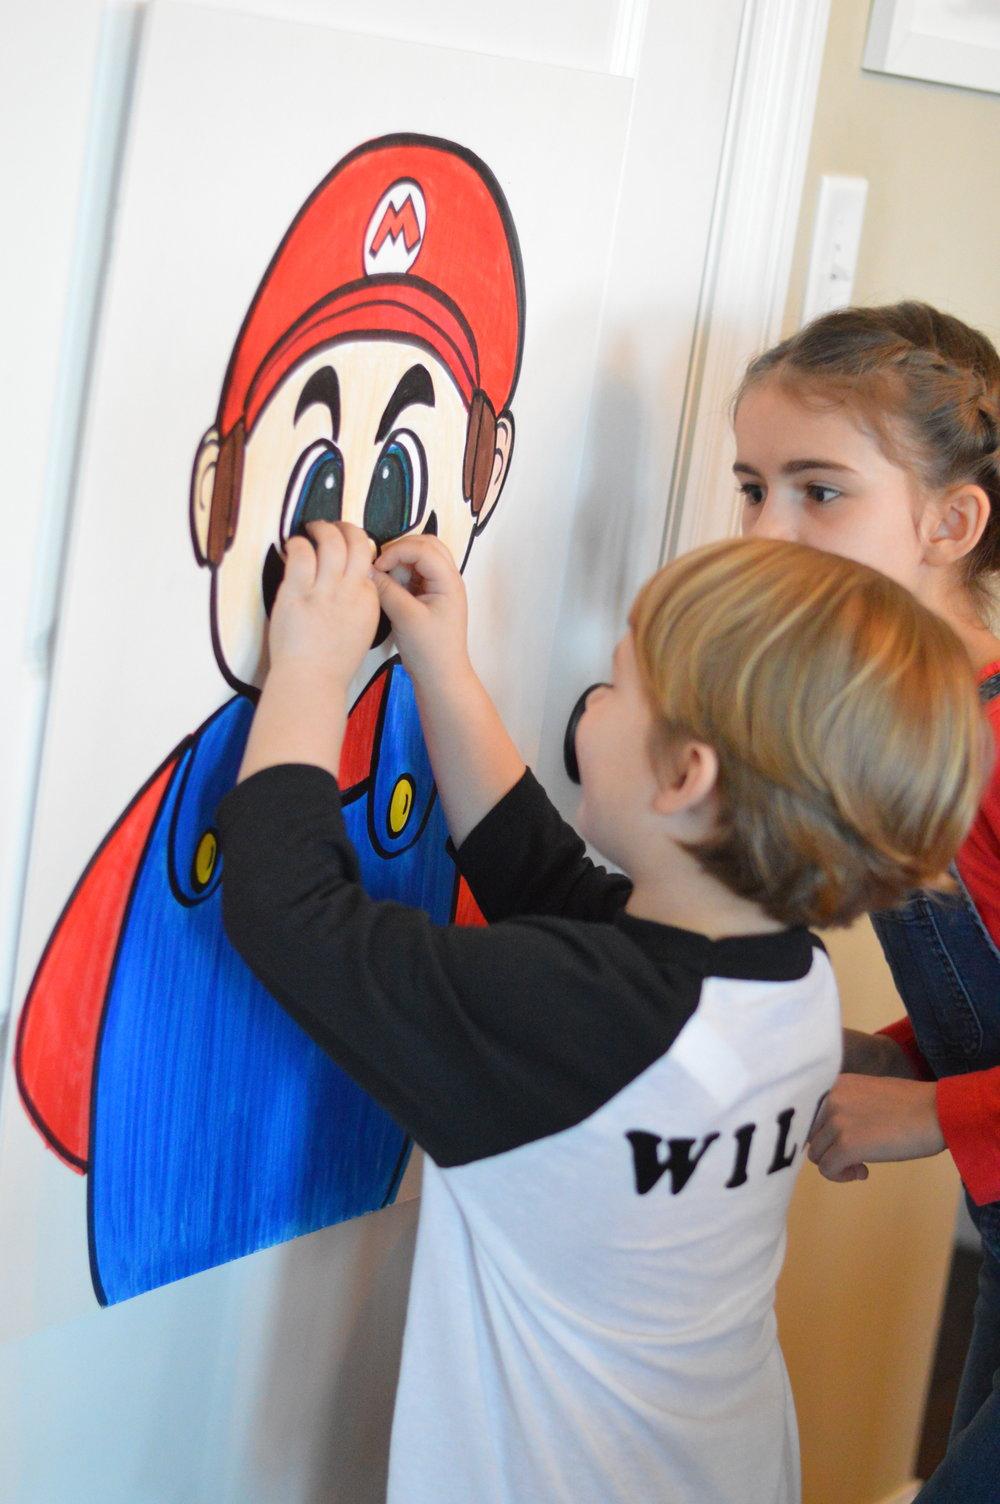 super Mario birthday party games